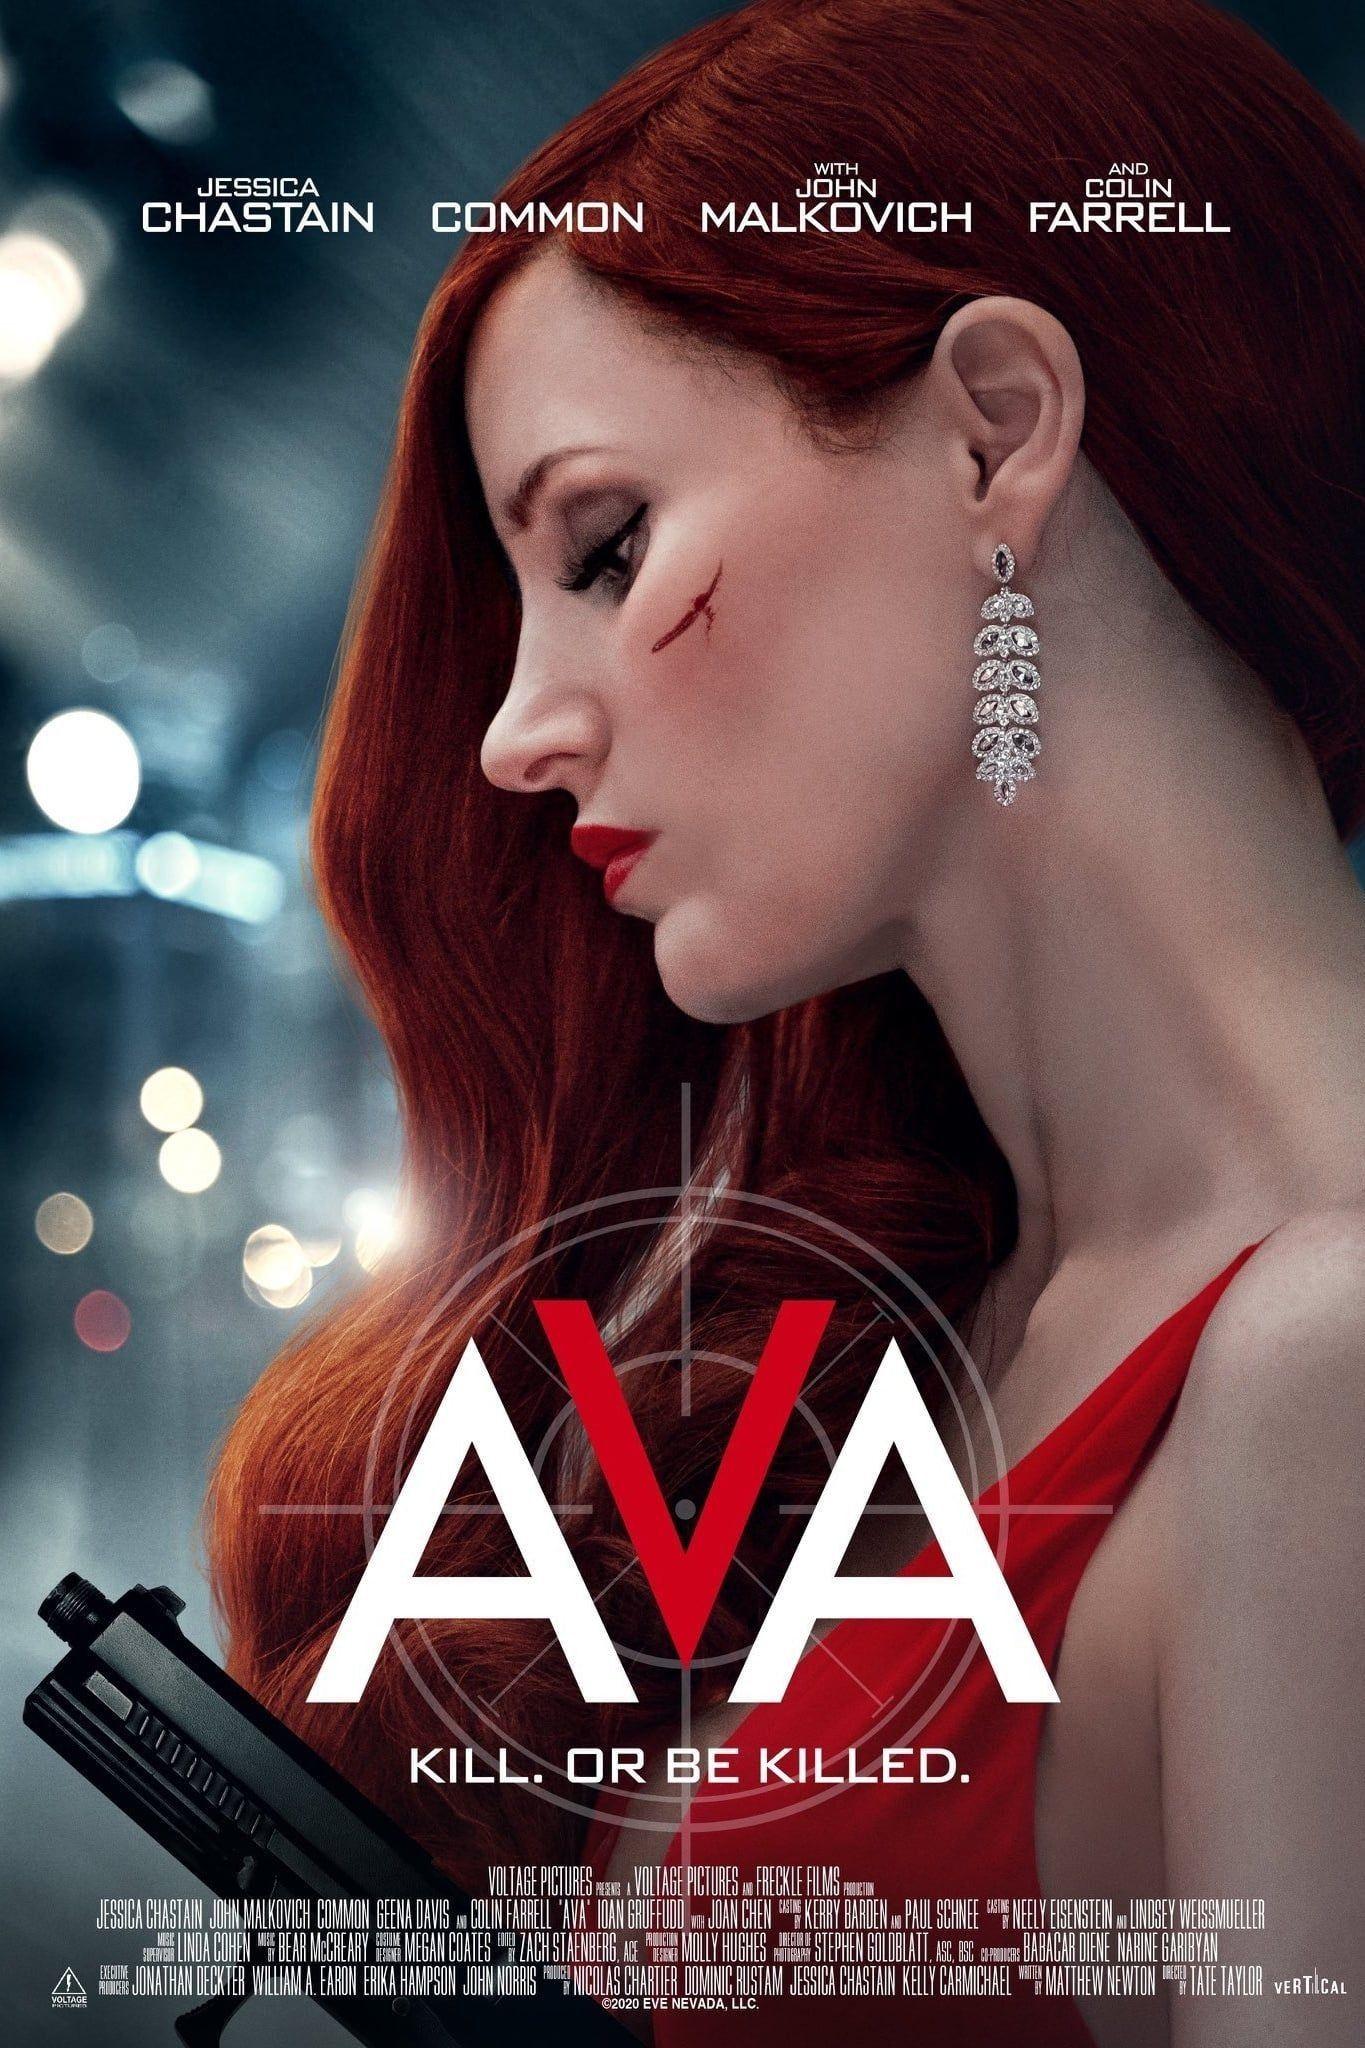 Ava 2020 Películas Completas Estrellas De Cine Peliculas De Accion